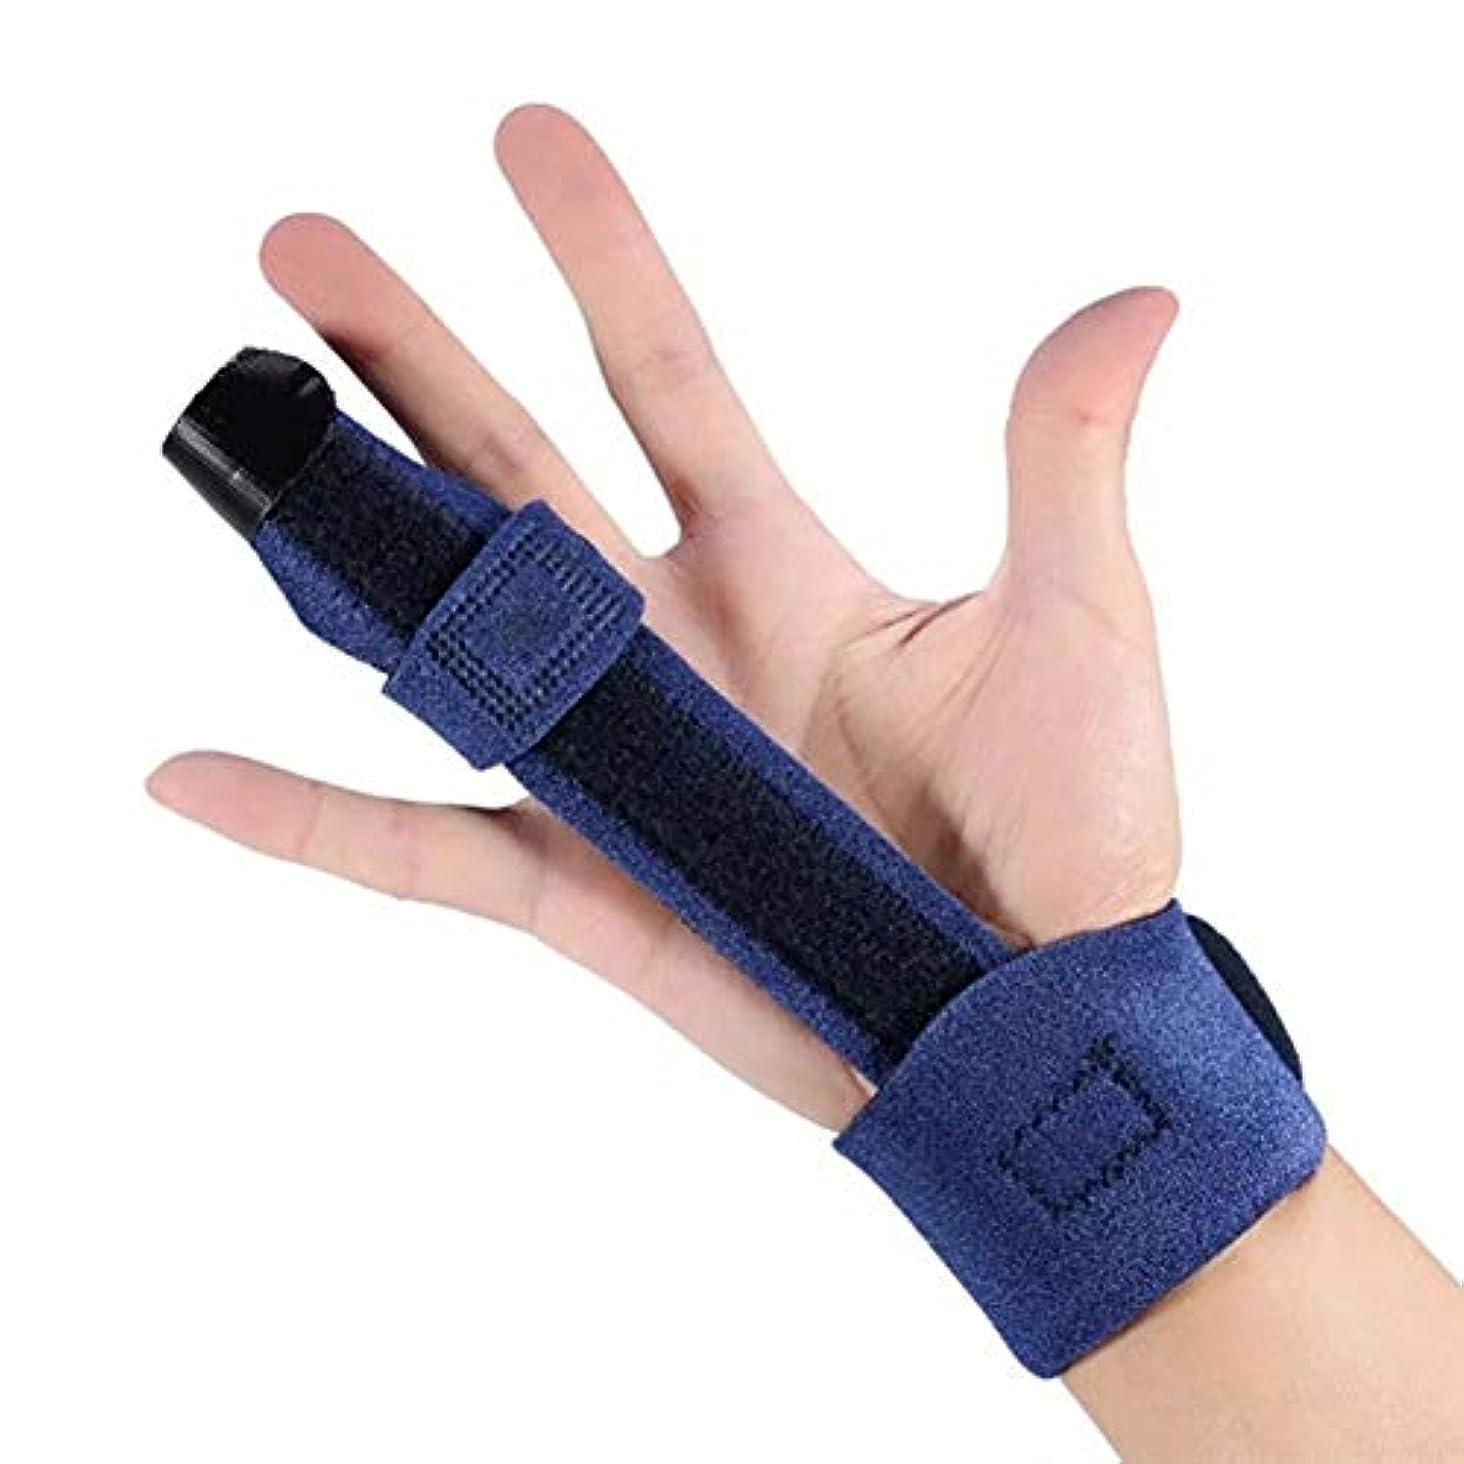 サスペンド質量トロピカルフィンガースプリントフィンガーボードフィンガーセパレーター,指ナックル固定化、指の骨折のための指スプリント、リバーシブル親指スタビライザー、救済レンチ、関節炎の痛み、